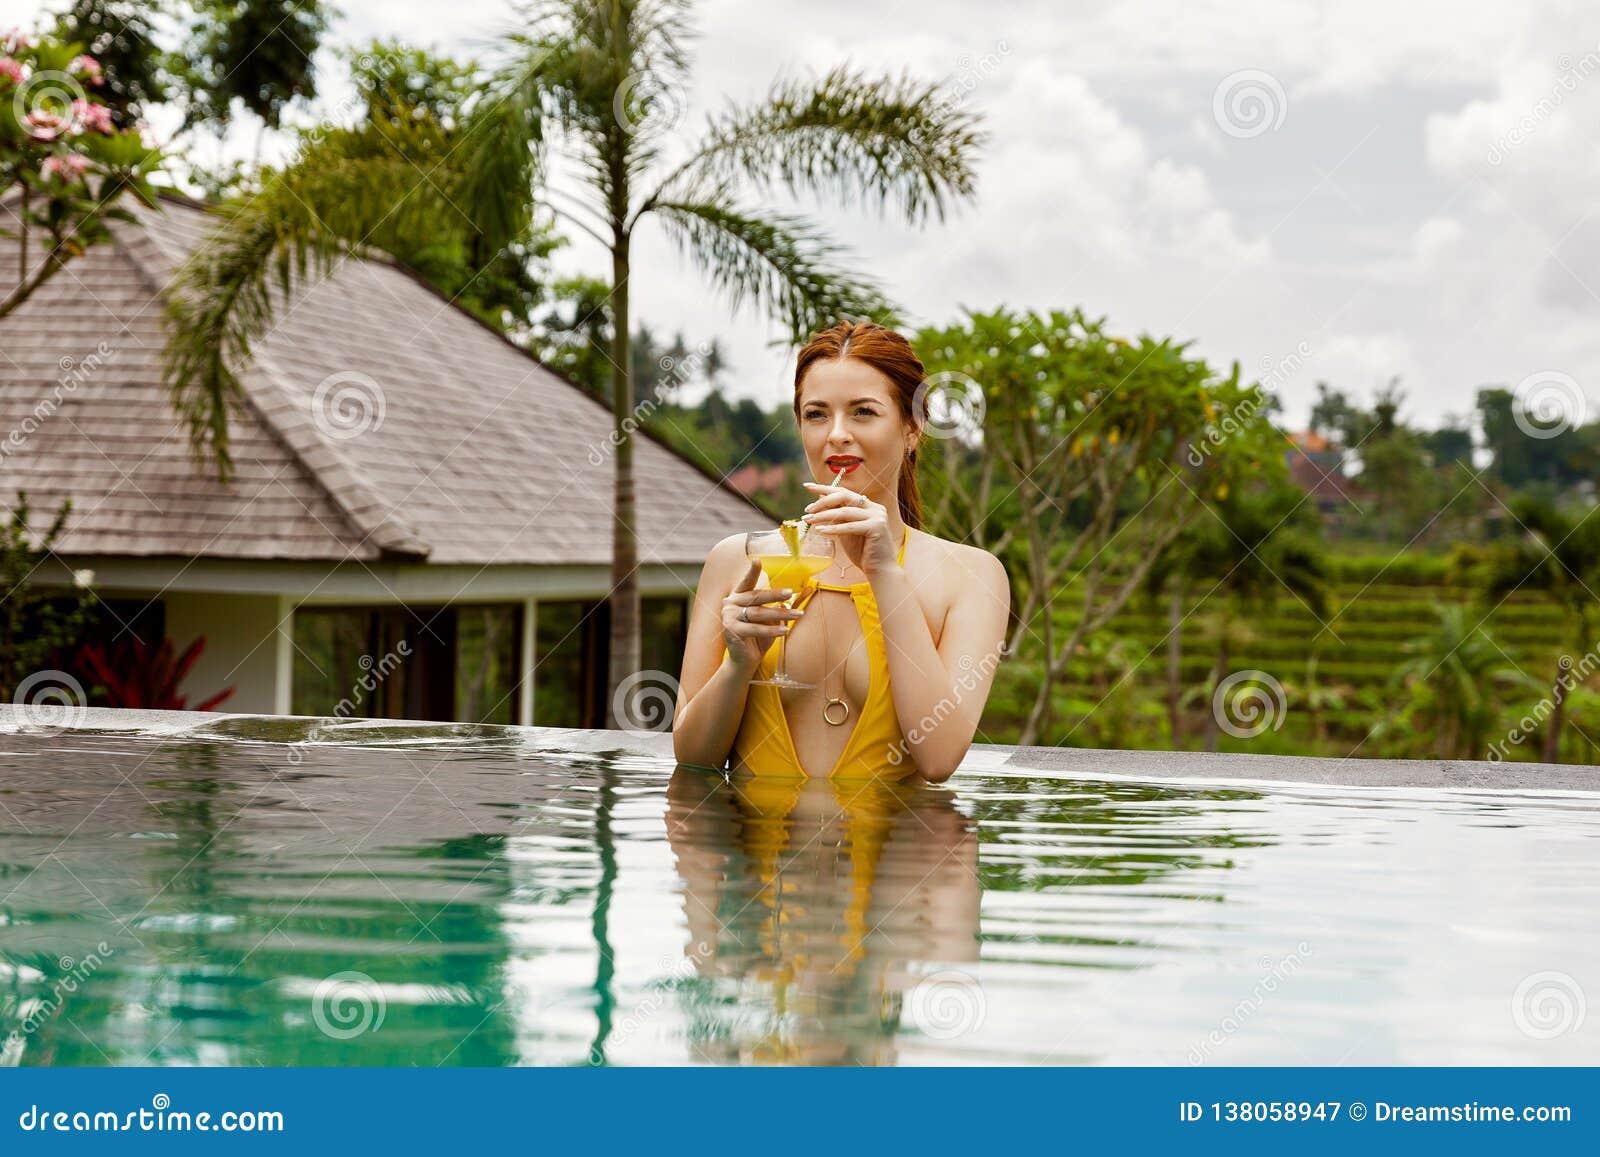 Belle fille dans un maillot de bain jaune dans la piscine